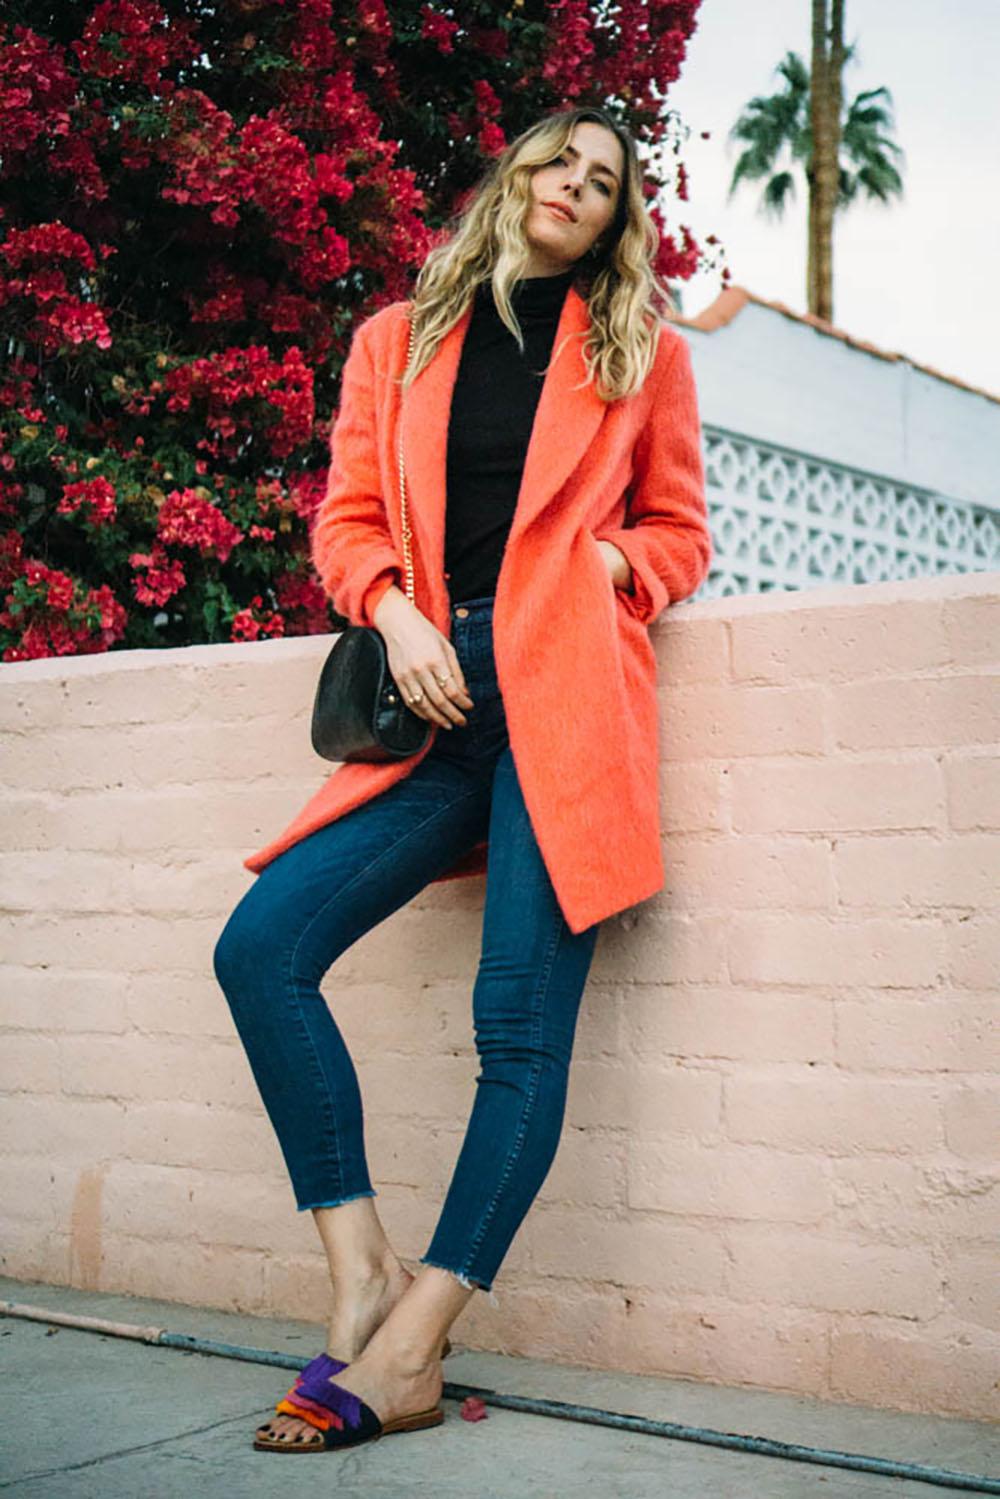 pinkcoat13.jpg